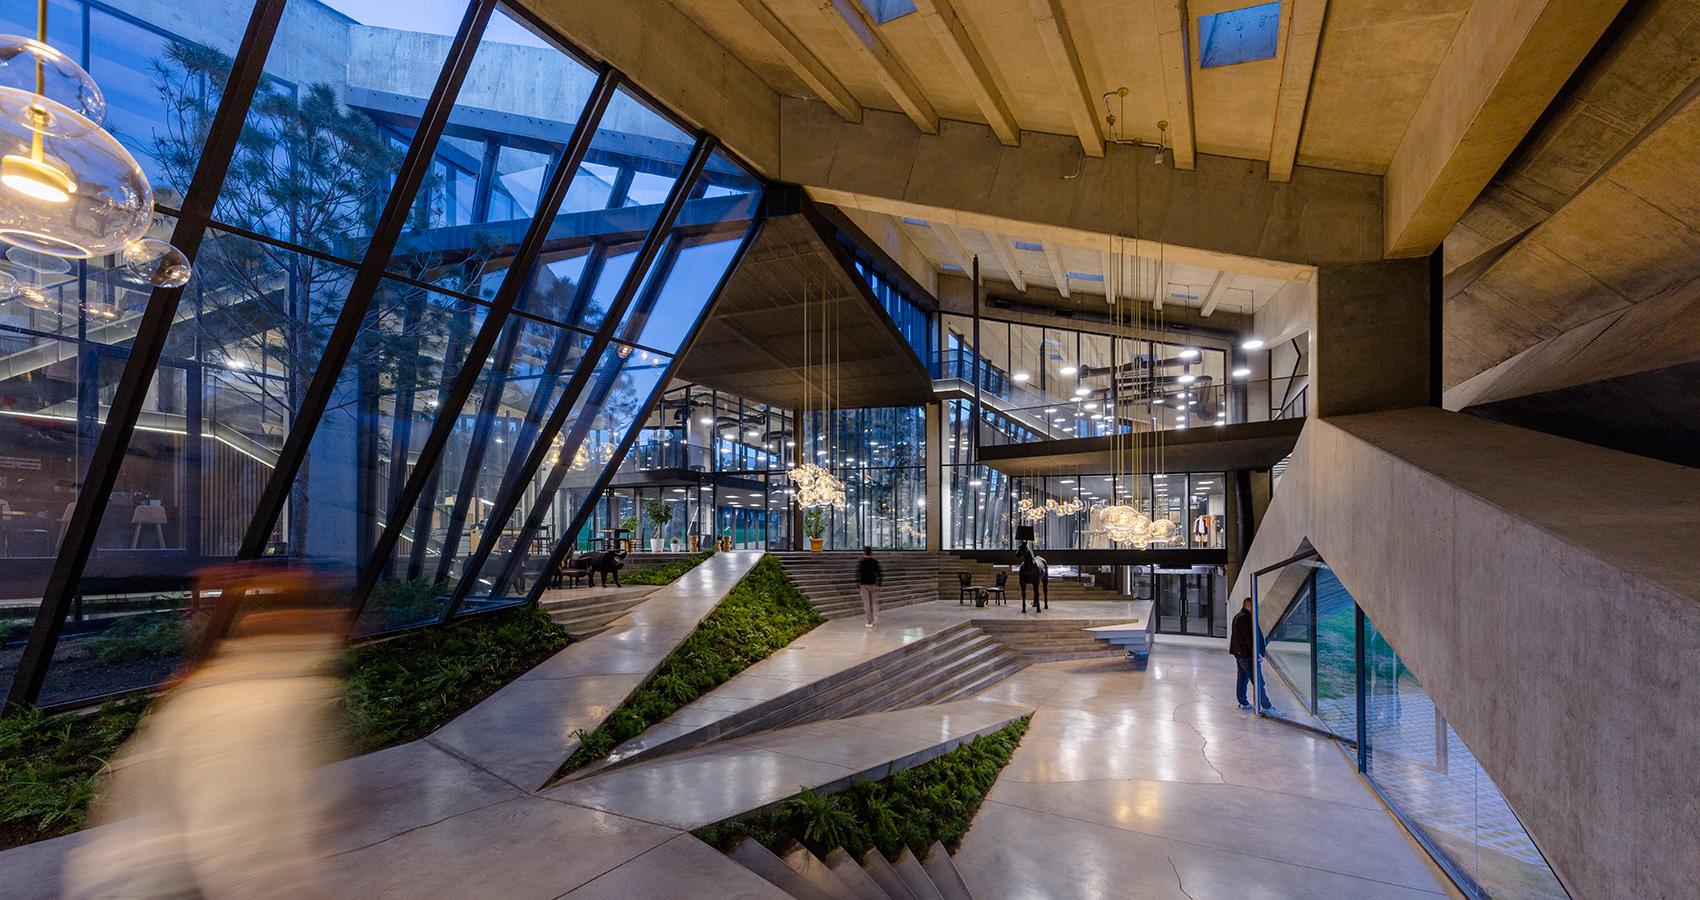 Um projeto de Giorgi Khmaladze Architects